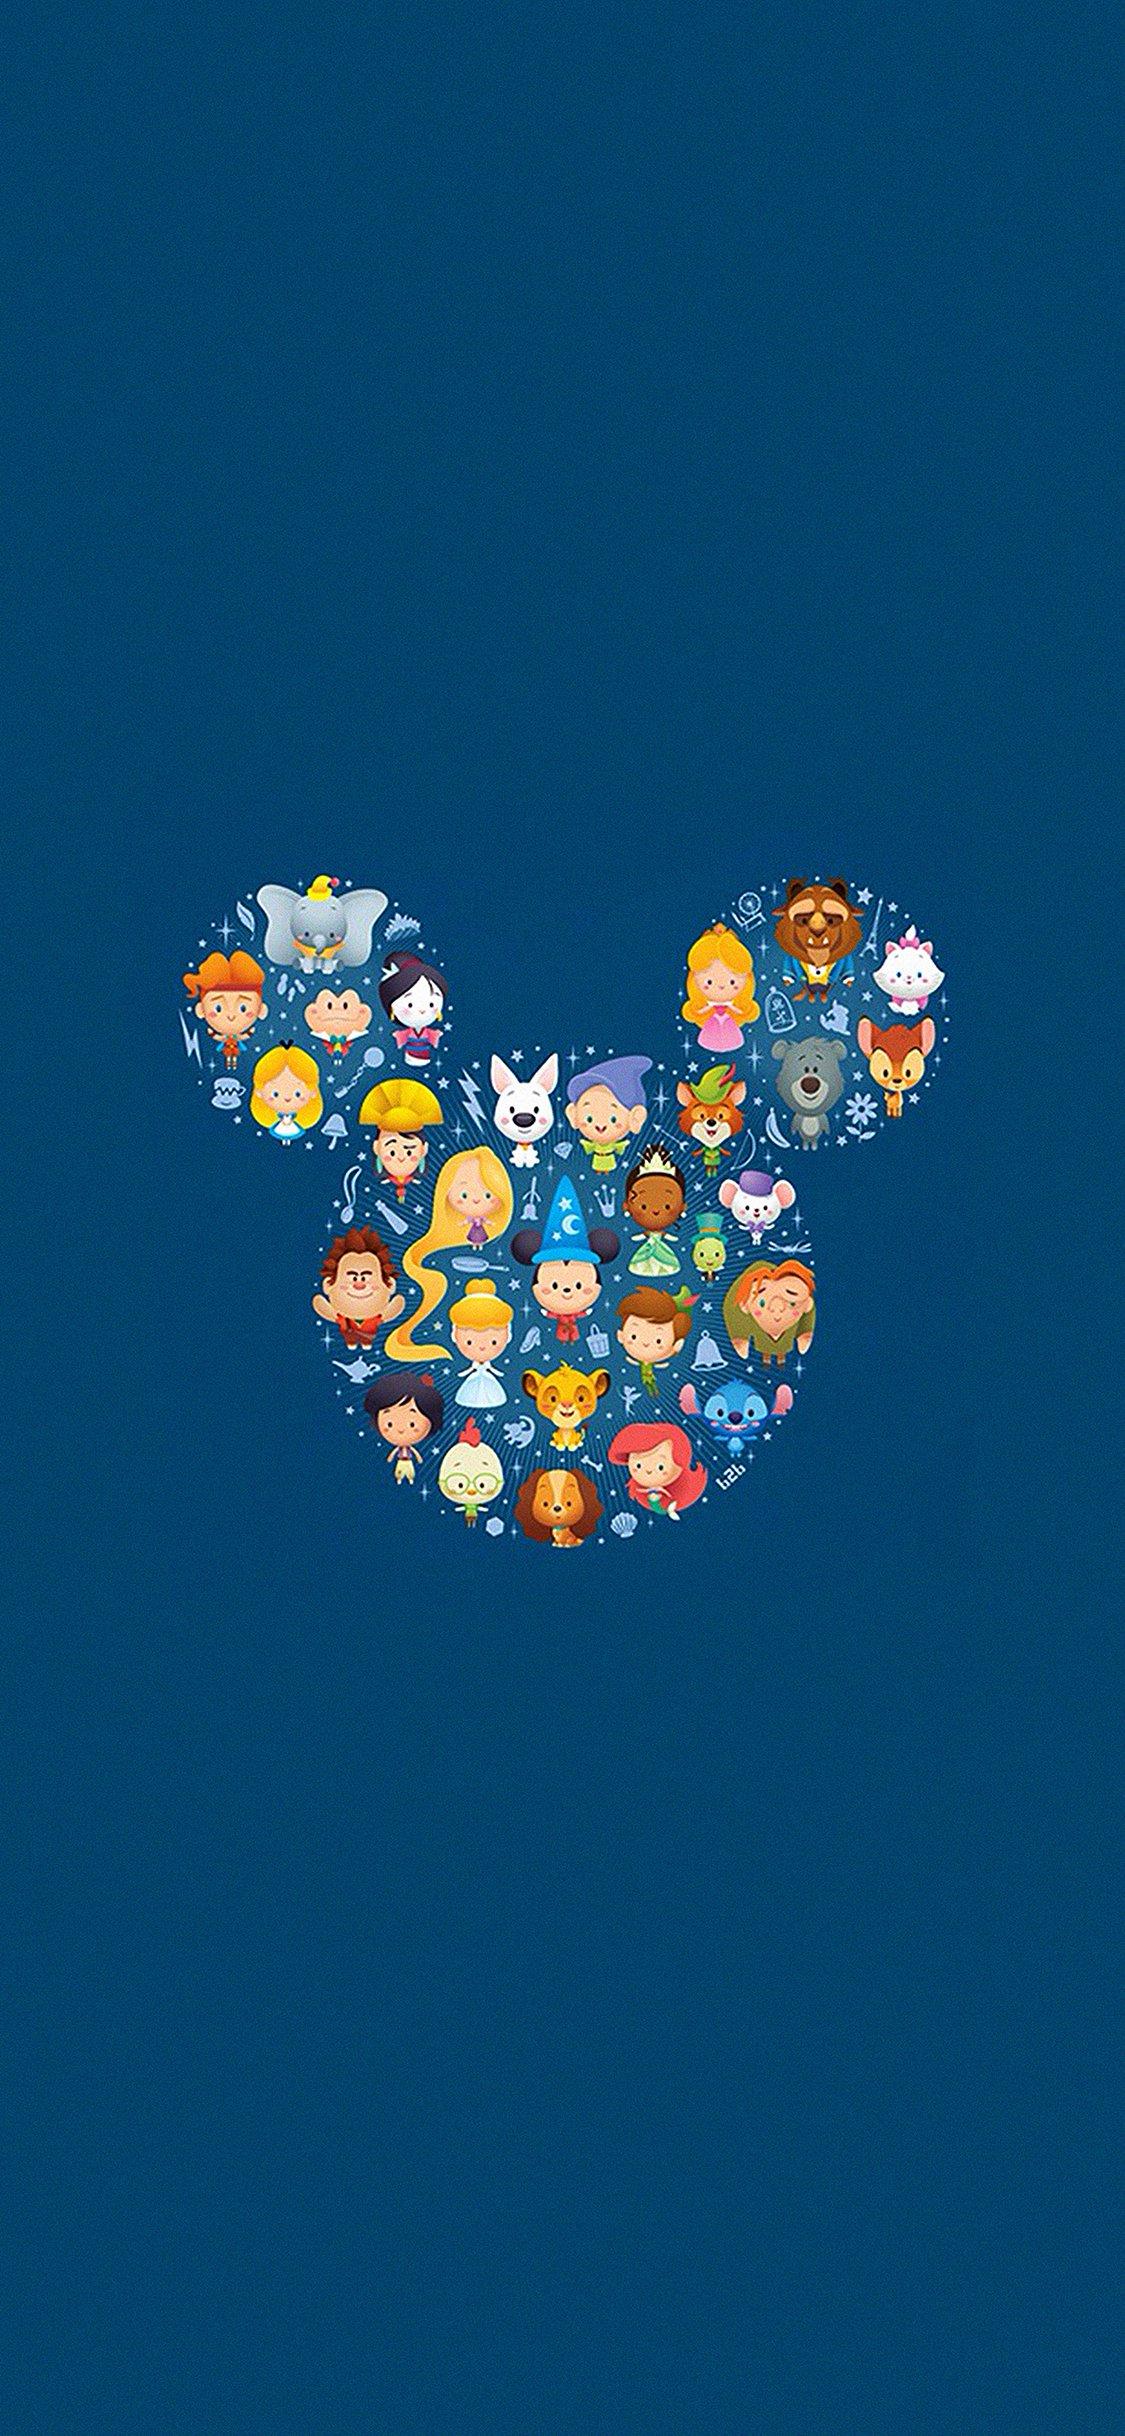 Disney art character cute iPhone X wallpaper